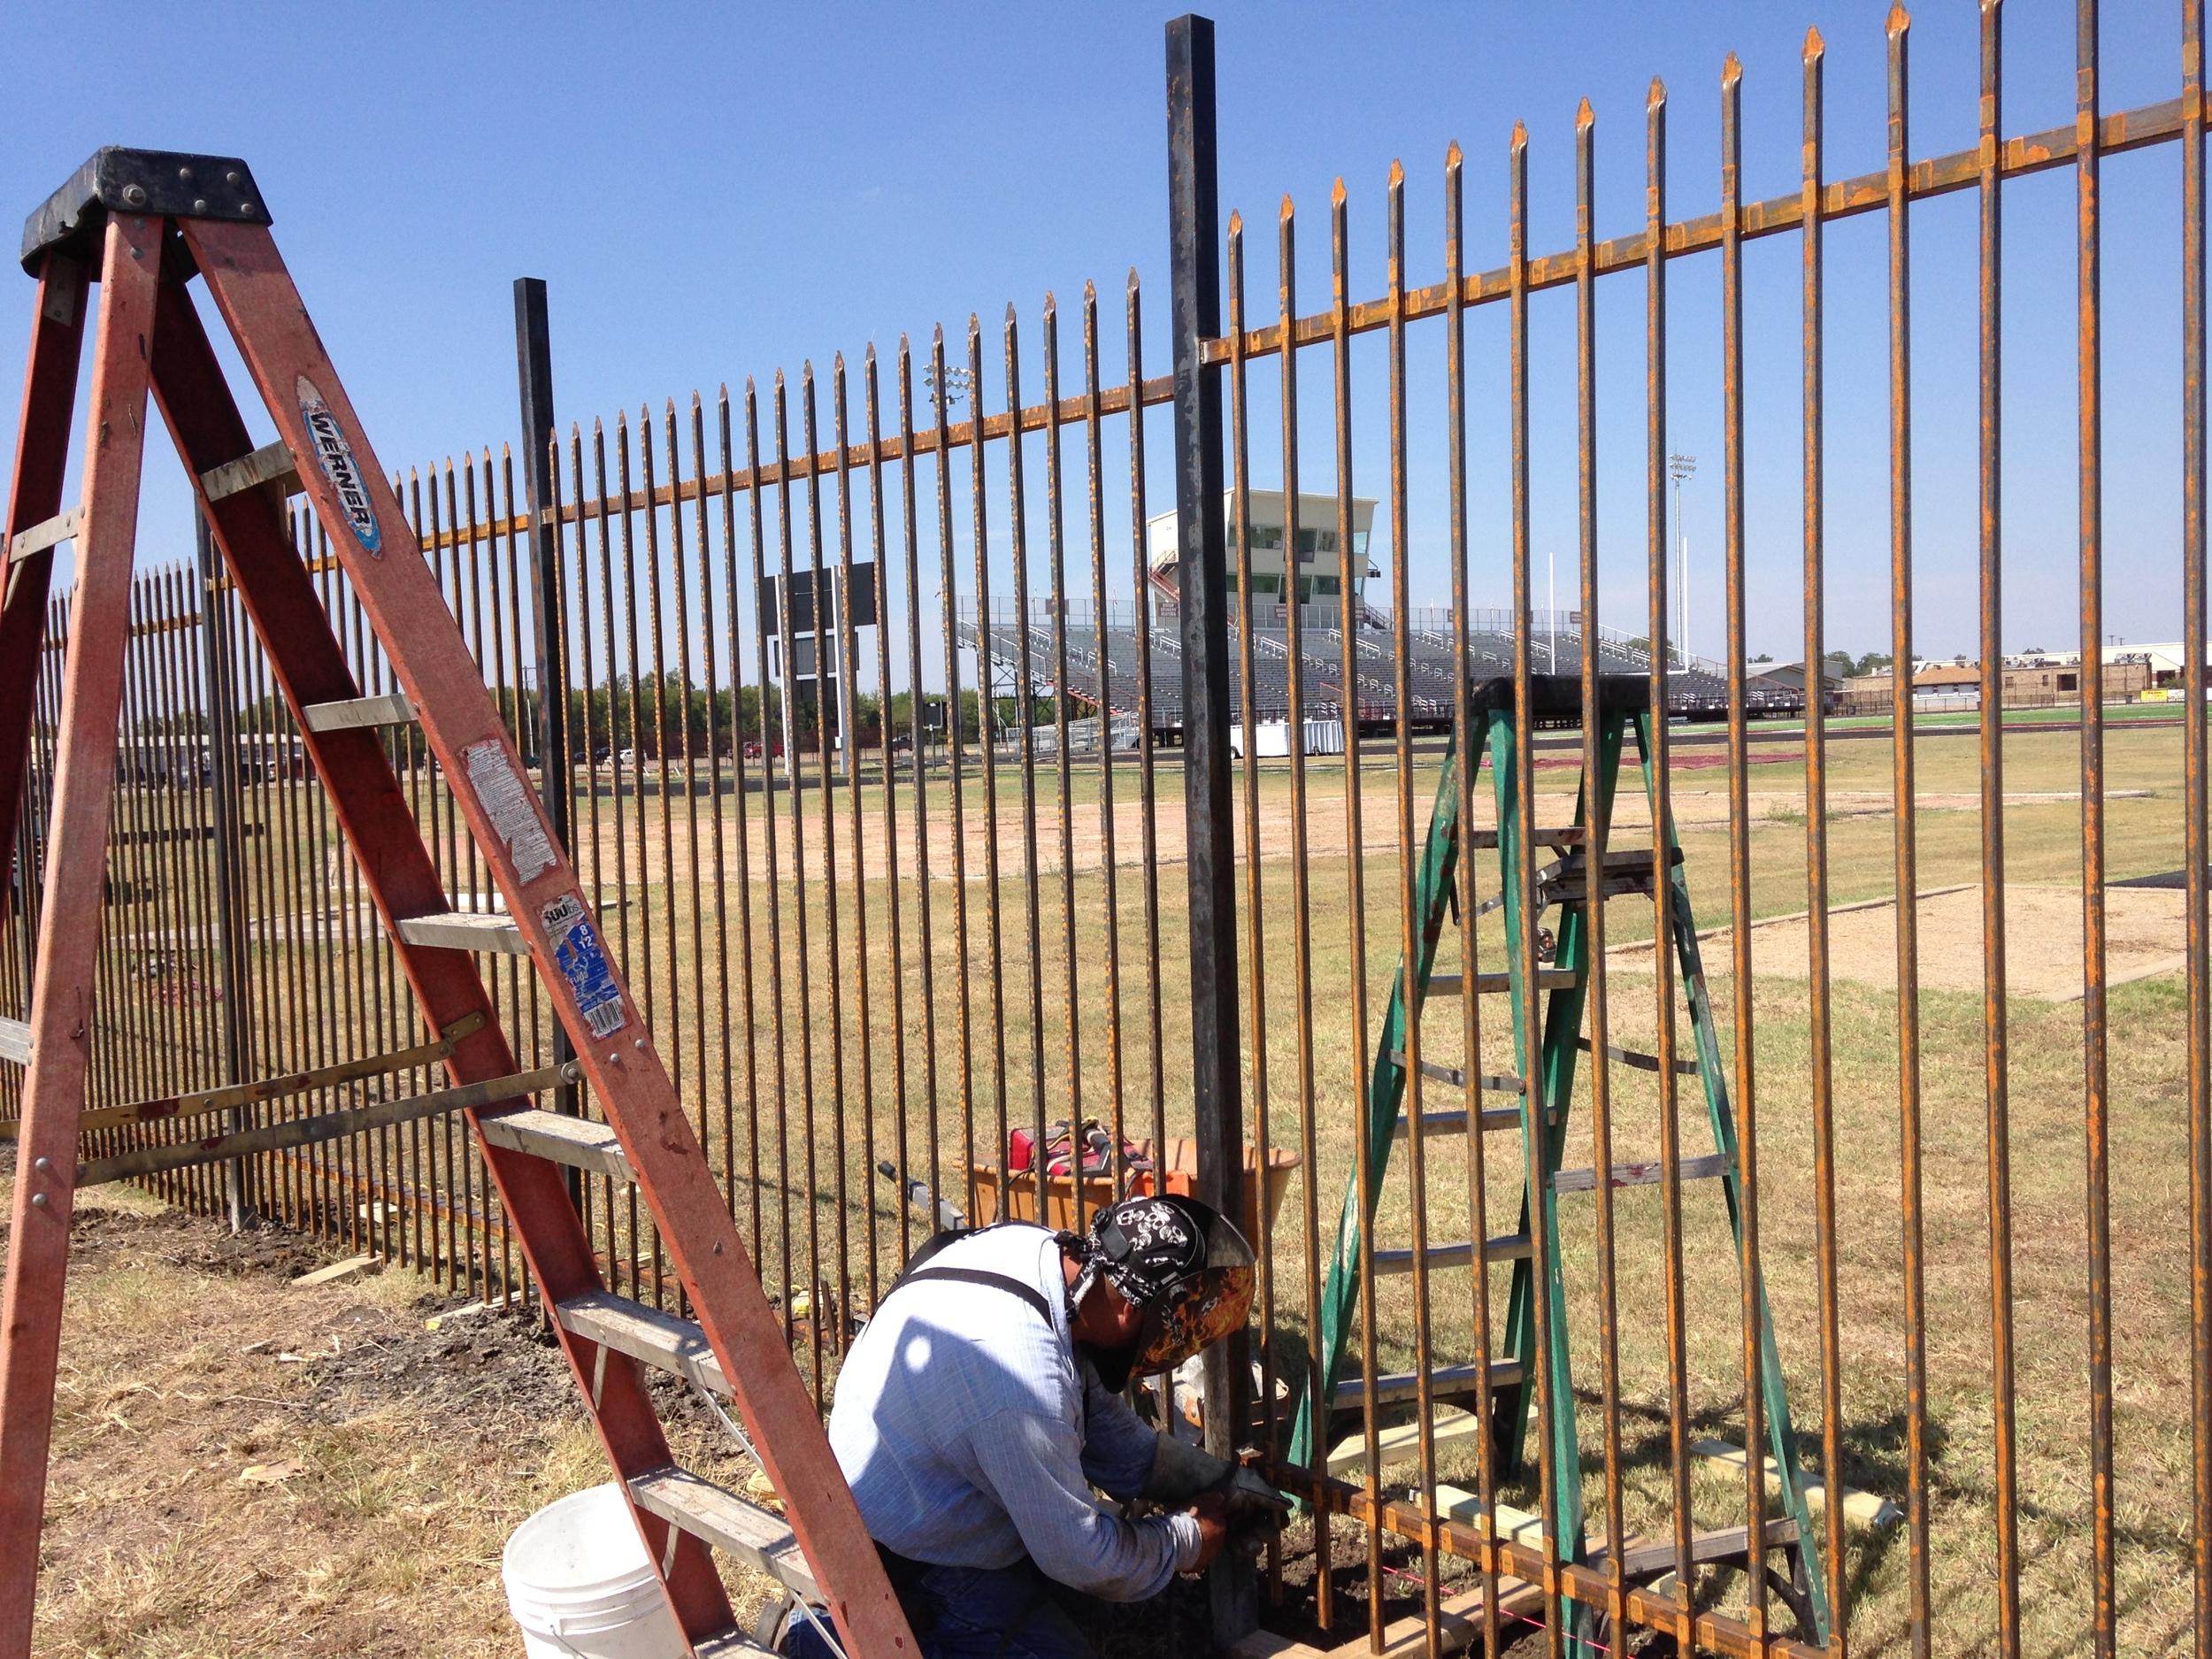 ROISD Security Fence.JPG